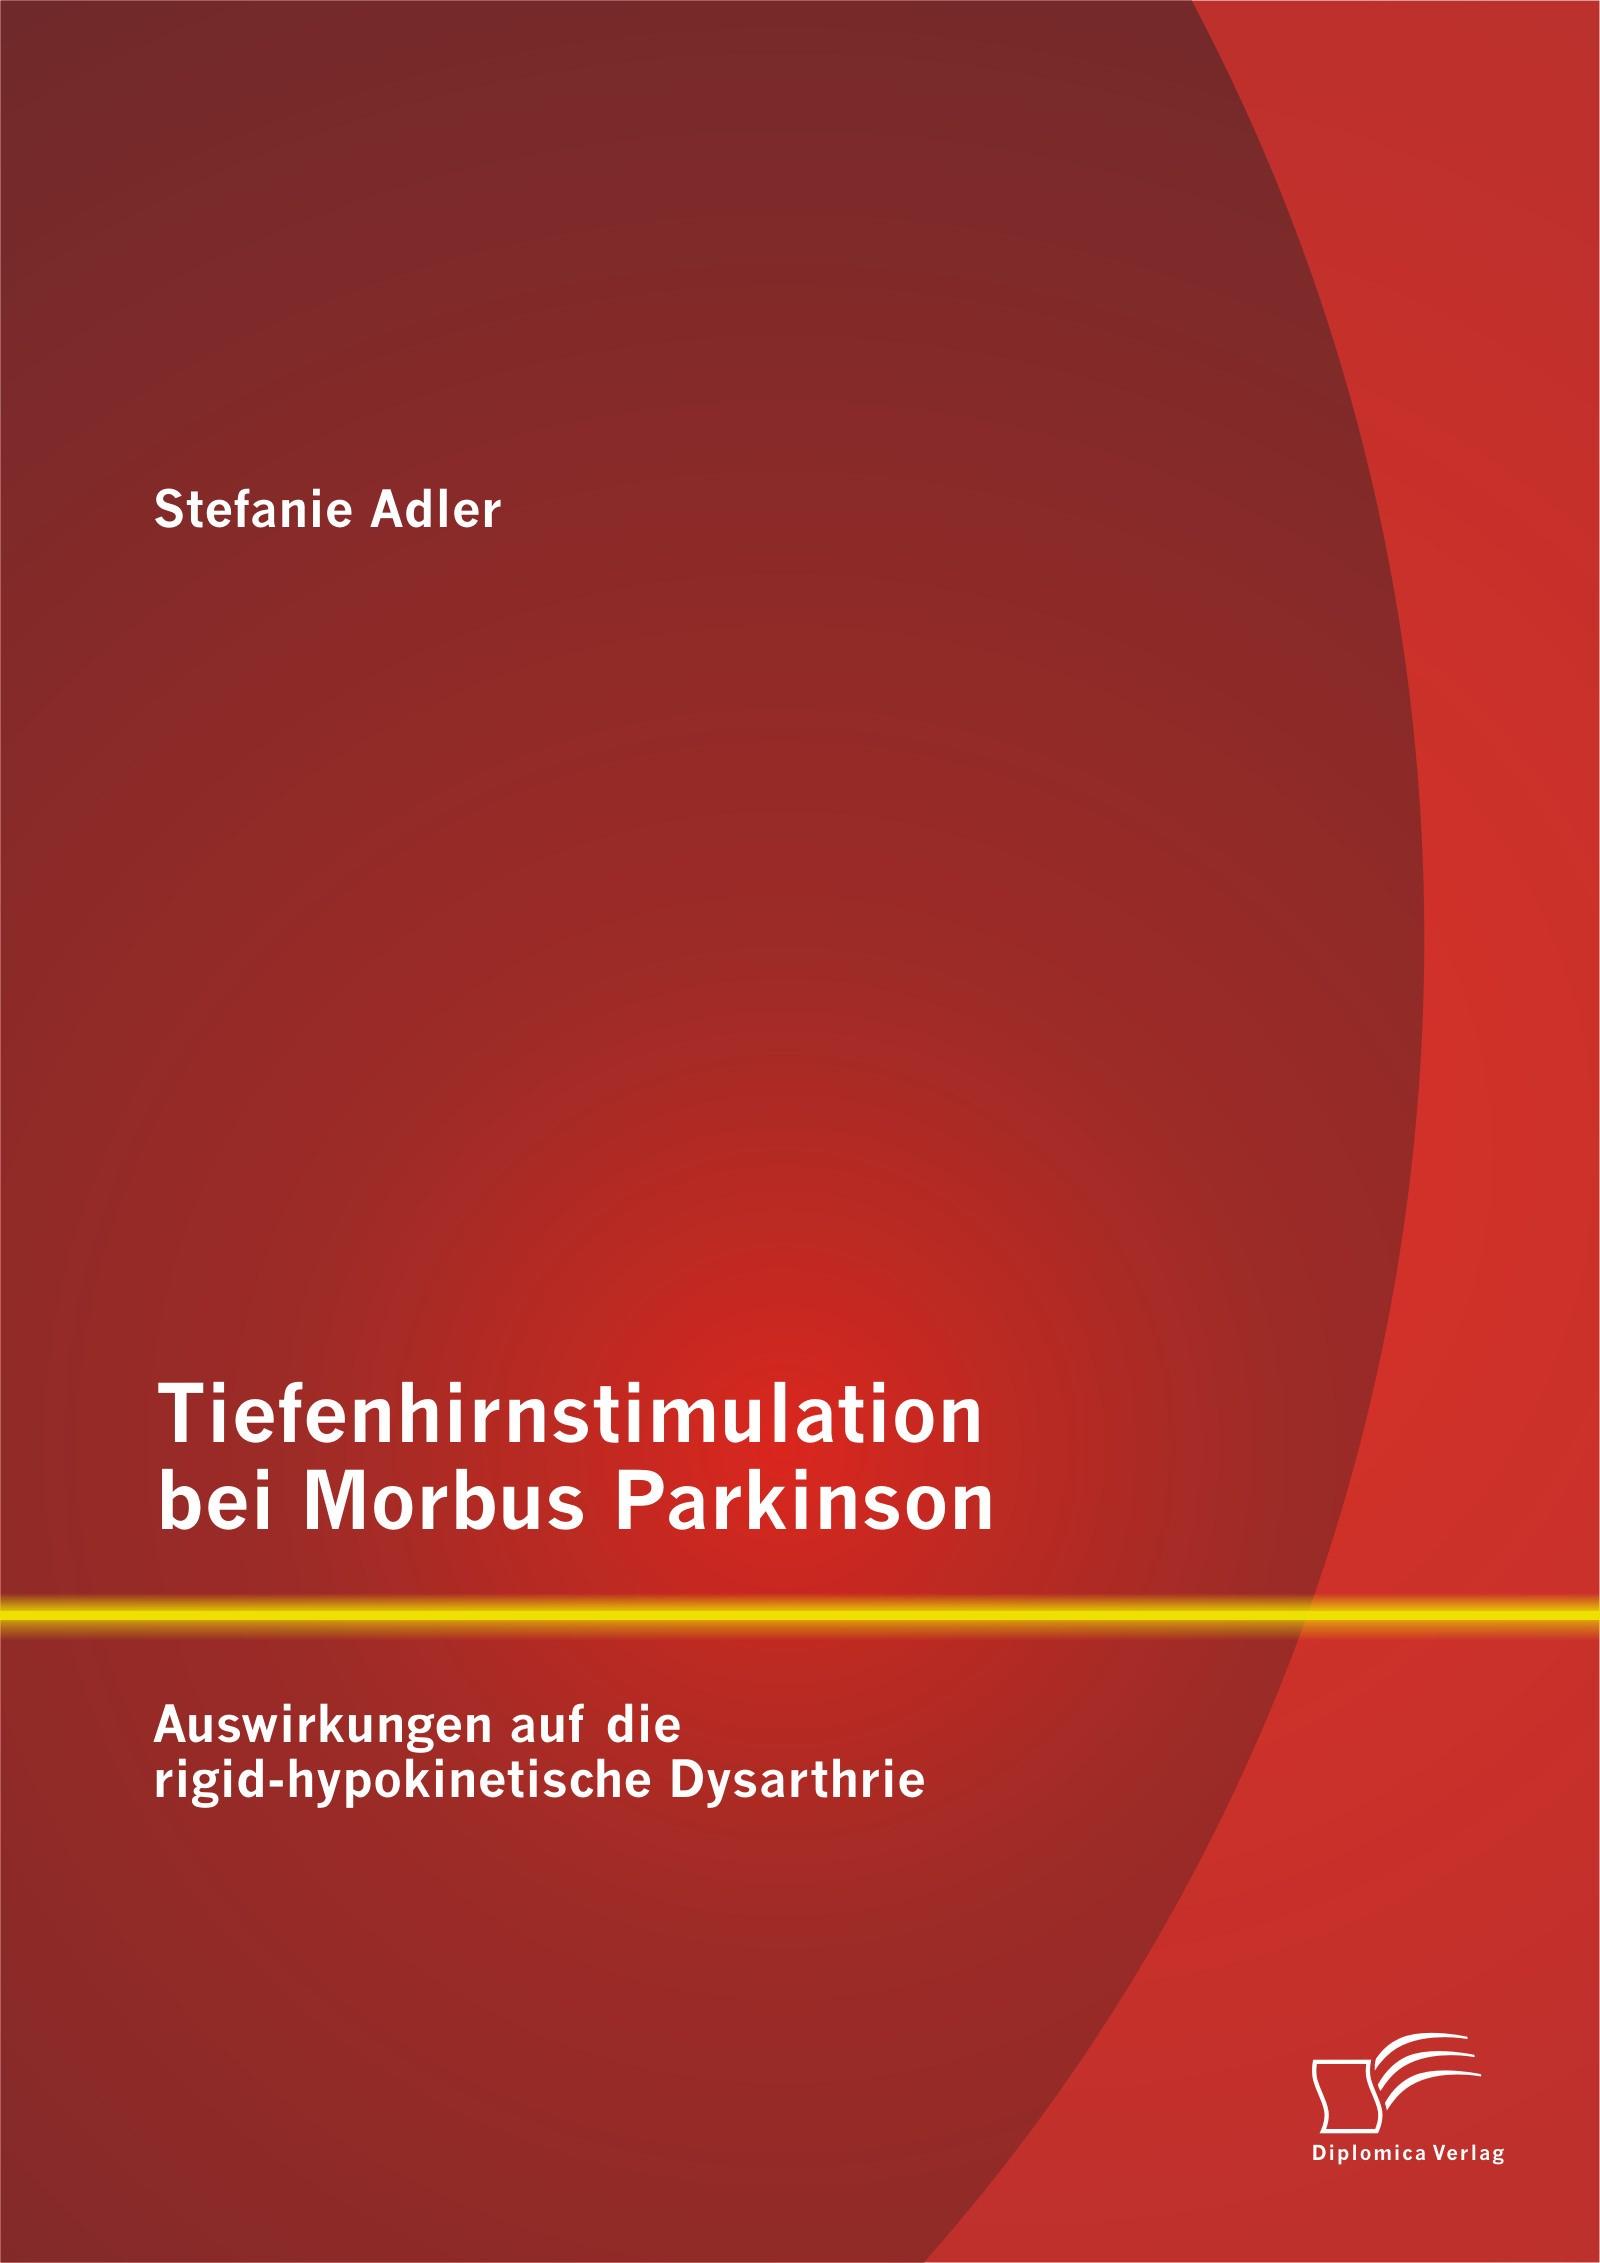 Tiefenhirnstimulation bei Morbus Parkinson: Auswirkungen auf die rigid-hypokinetische Dysarthrie | Adler, 2014 | Buch (Cover)